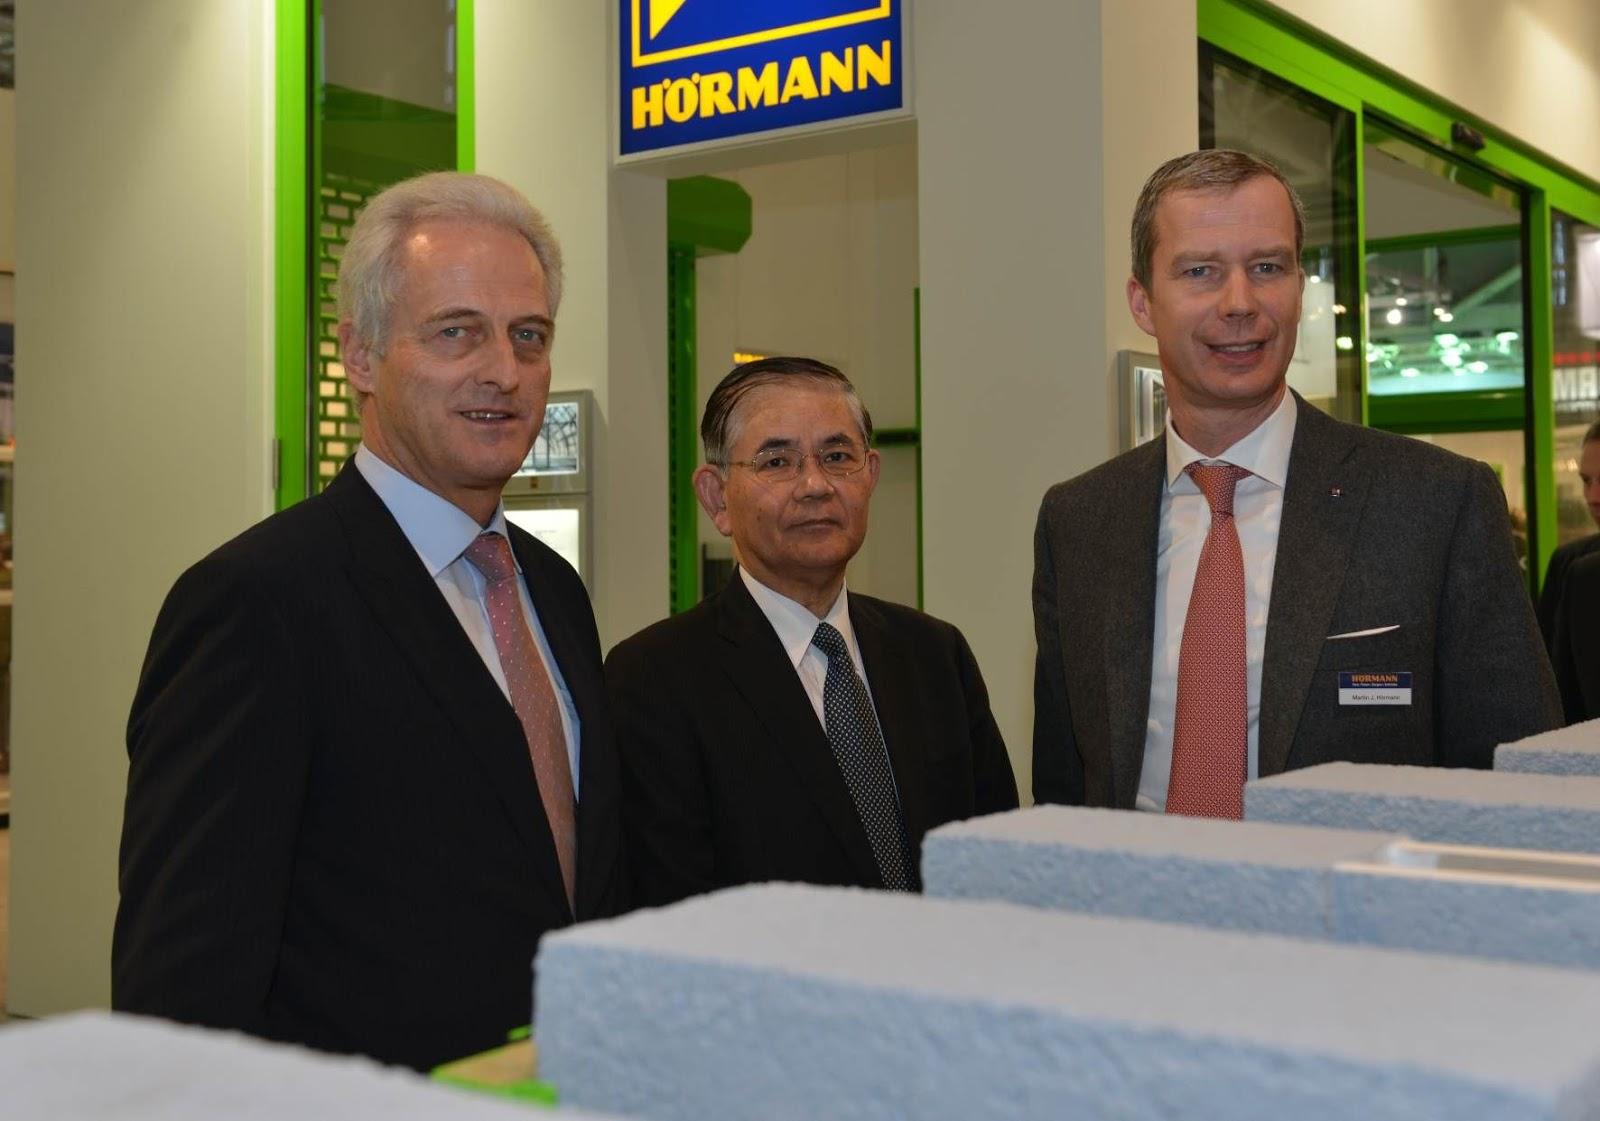 Bundesminister Dr. Peter Ramsauer und der japanische Vizebauminister Shigeru Kikukawa ließen sich auf der BAU 2013 in München von Martin J. Hörmann die neuesten Innovationen des Tor- und Türherstellers zeigen.